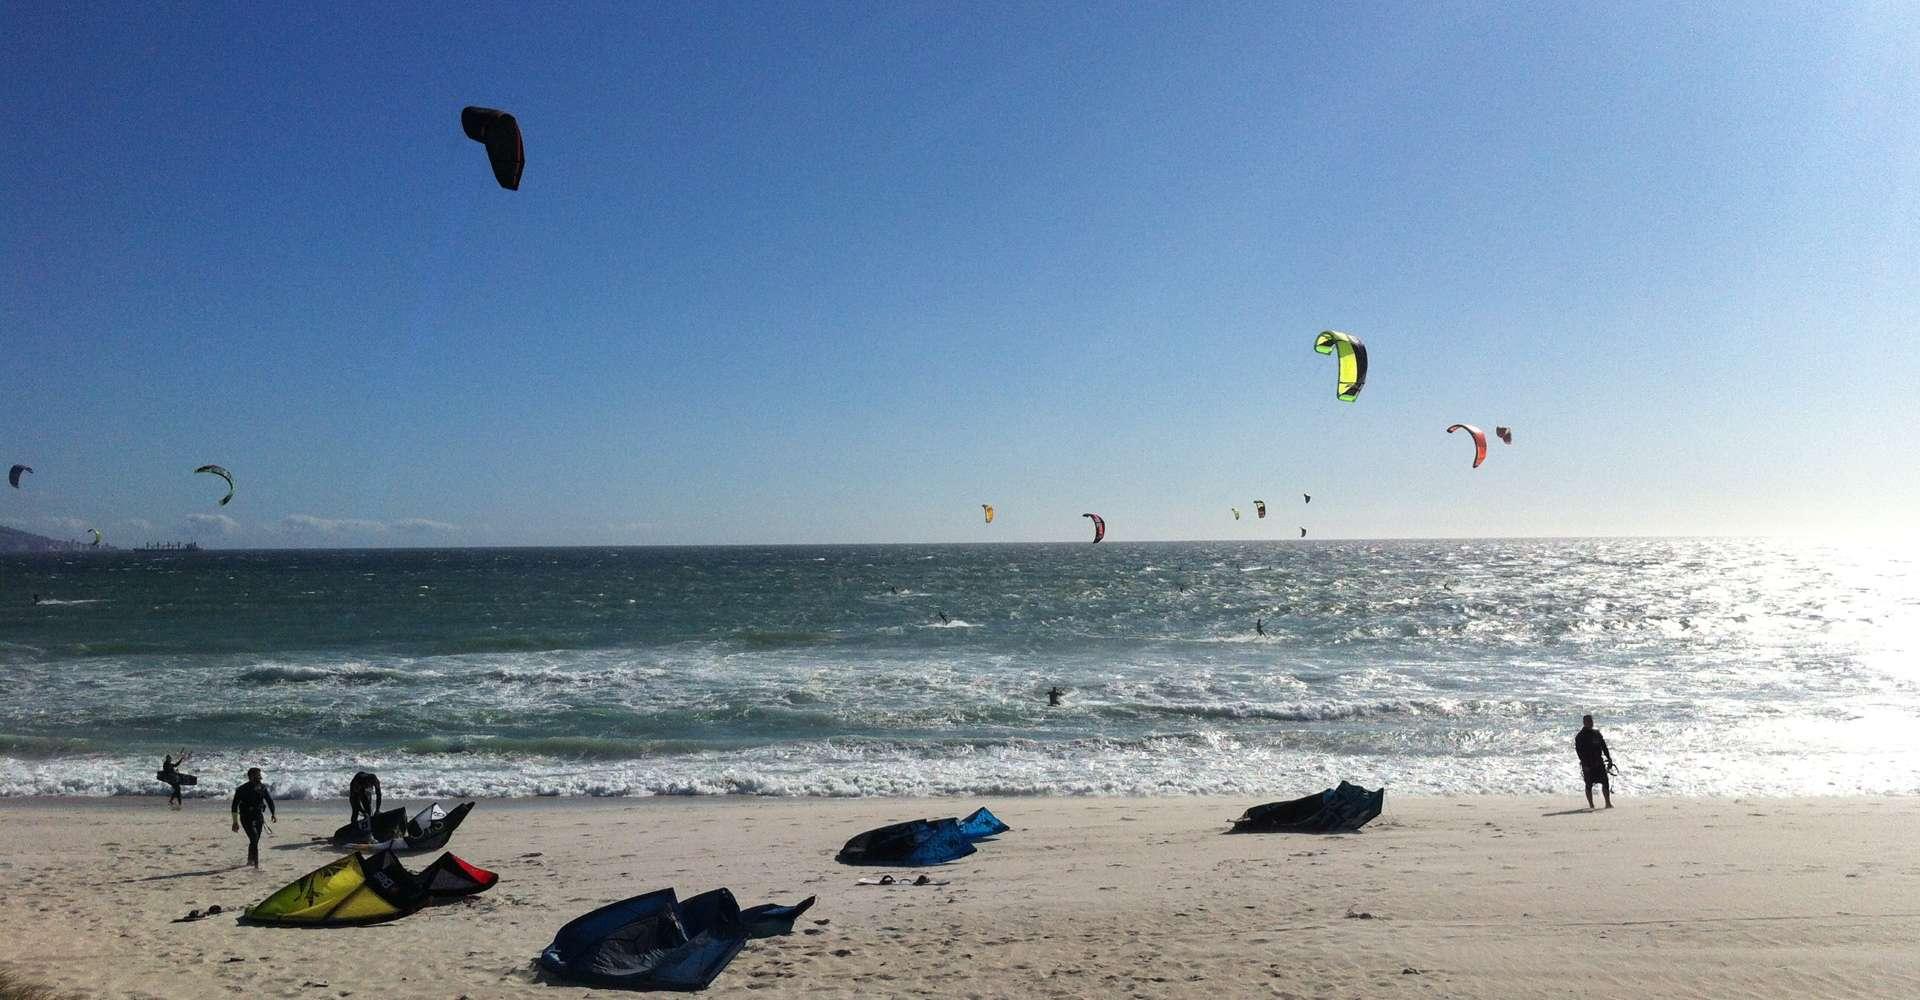 Mehrere kitesurfer am Strand - kitesurfer at beach